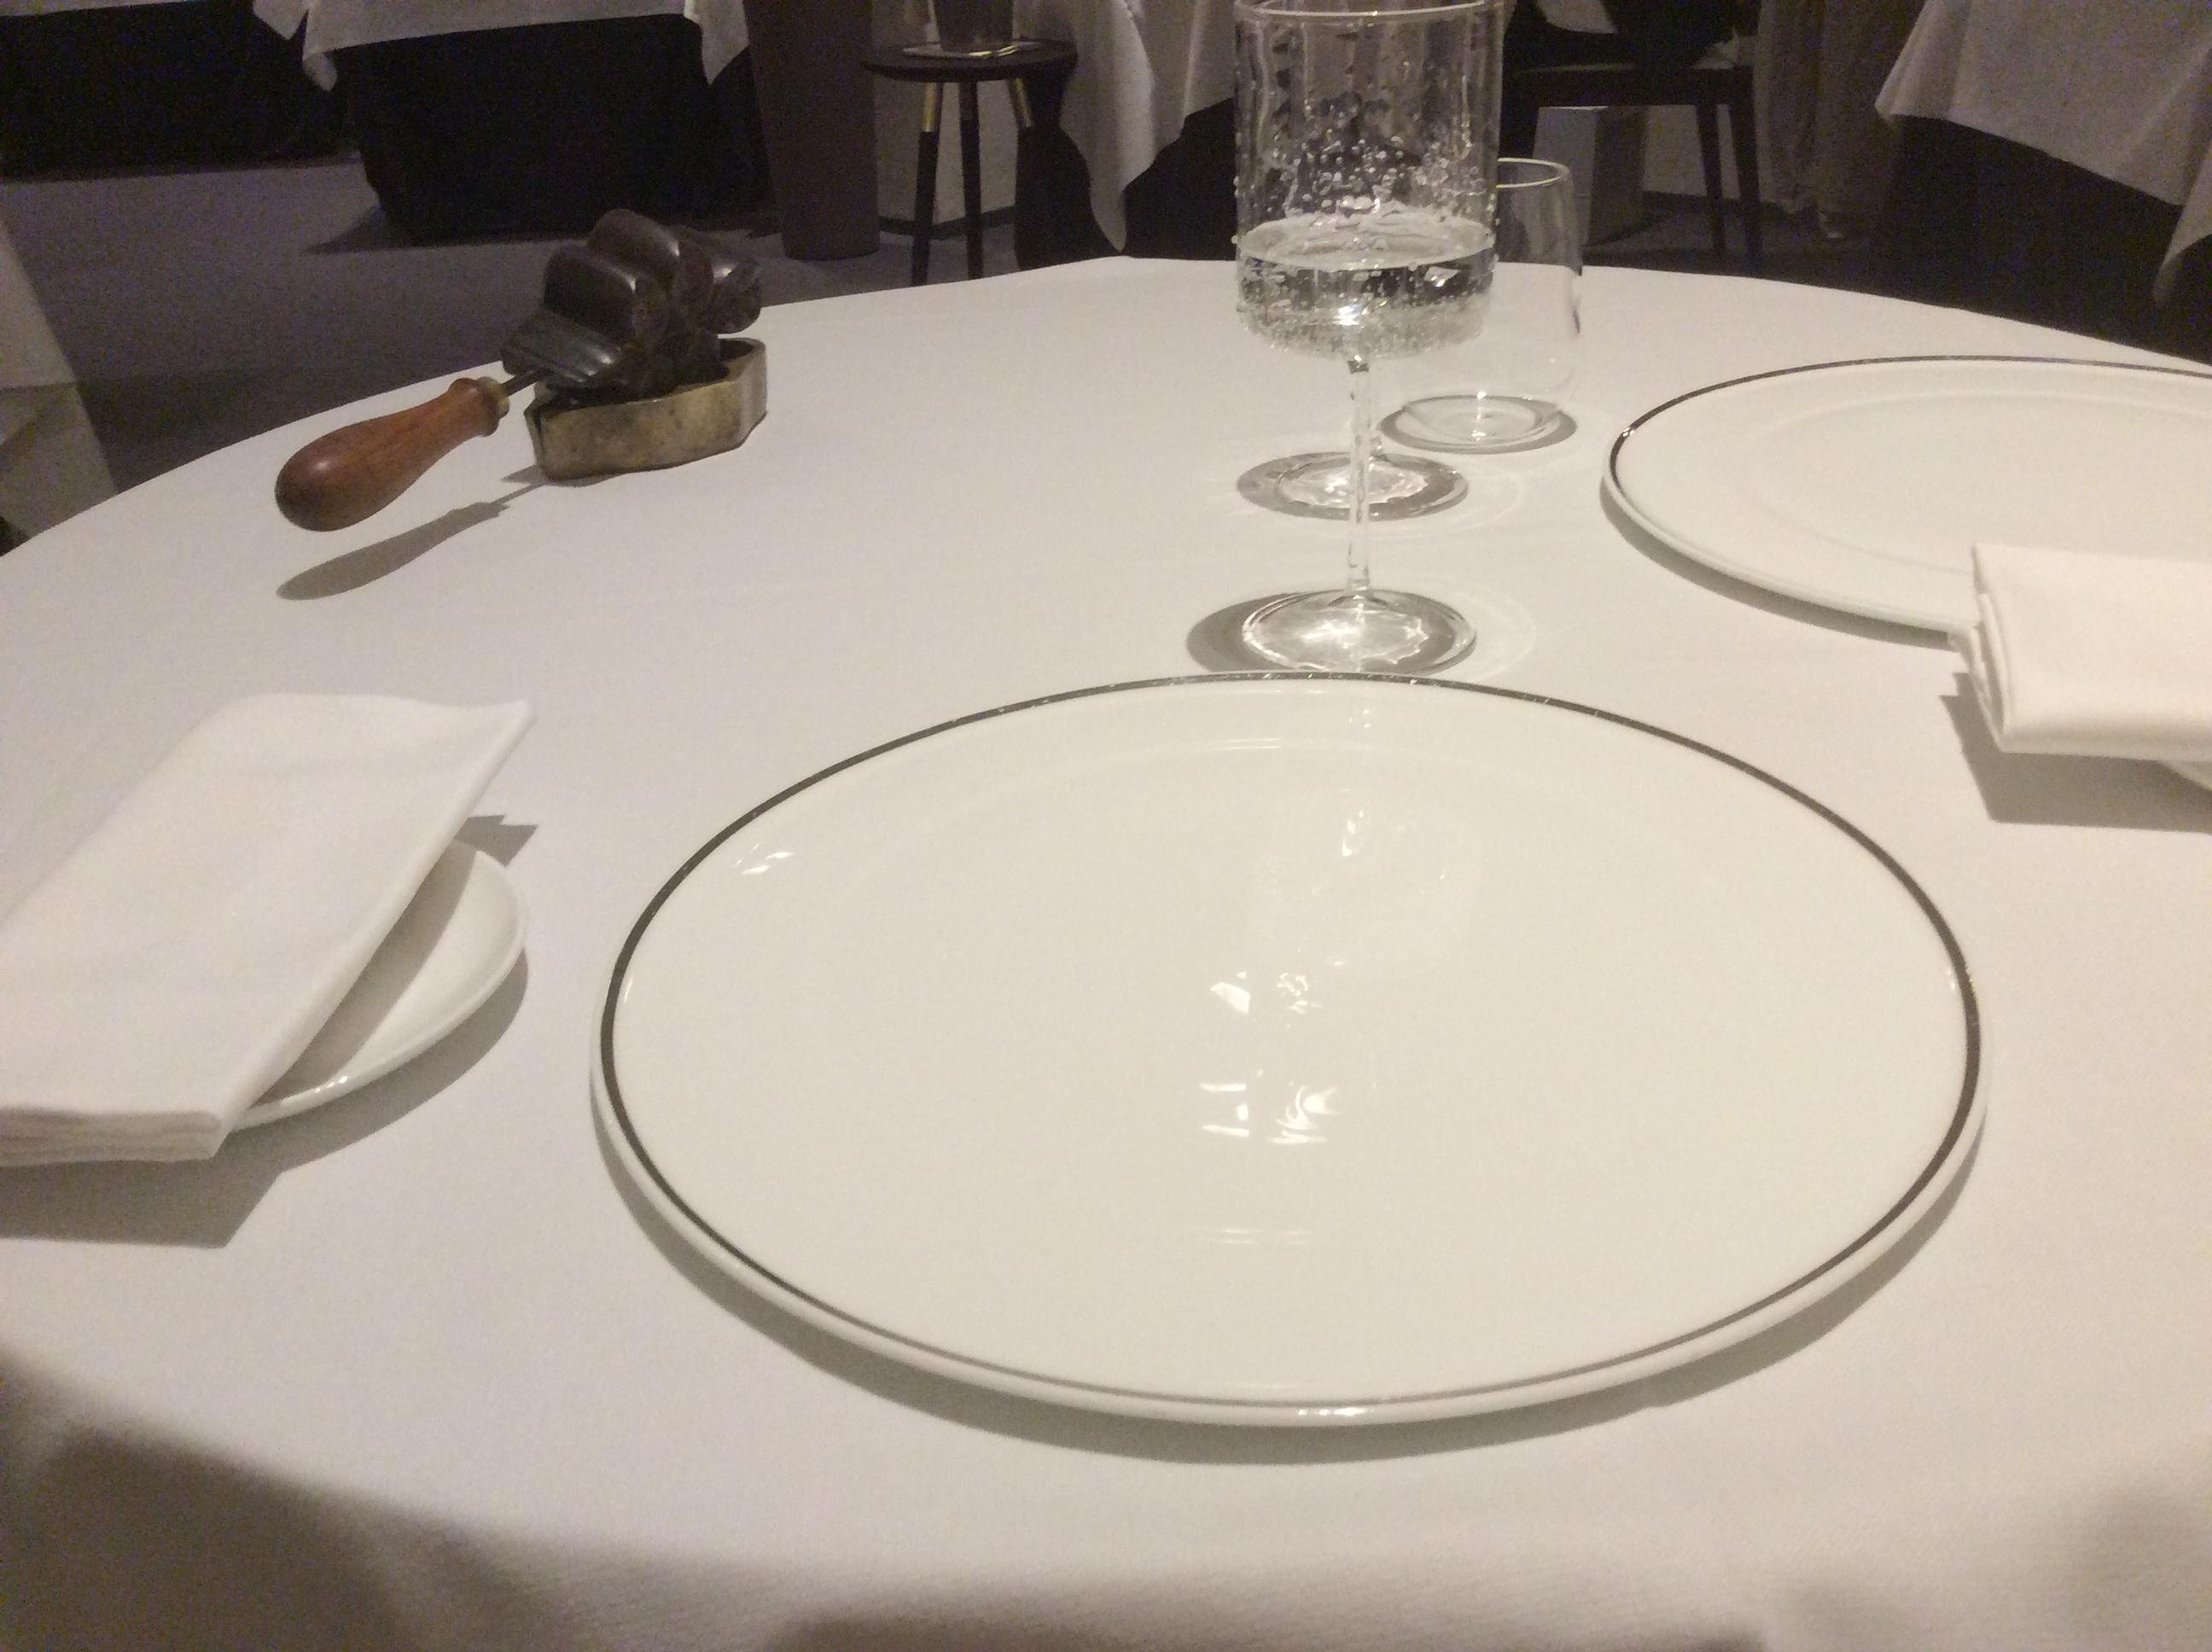 http://gourmet-italian.com/3979.JPG